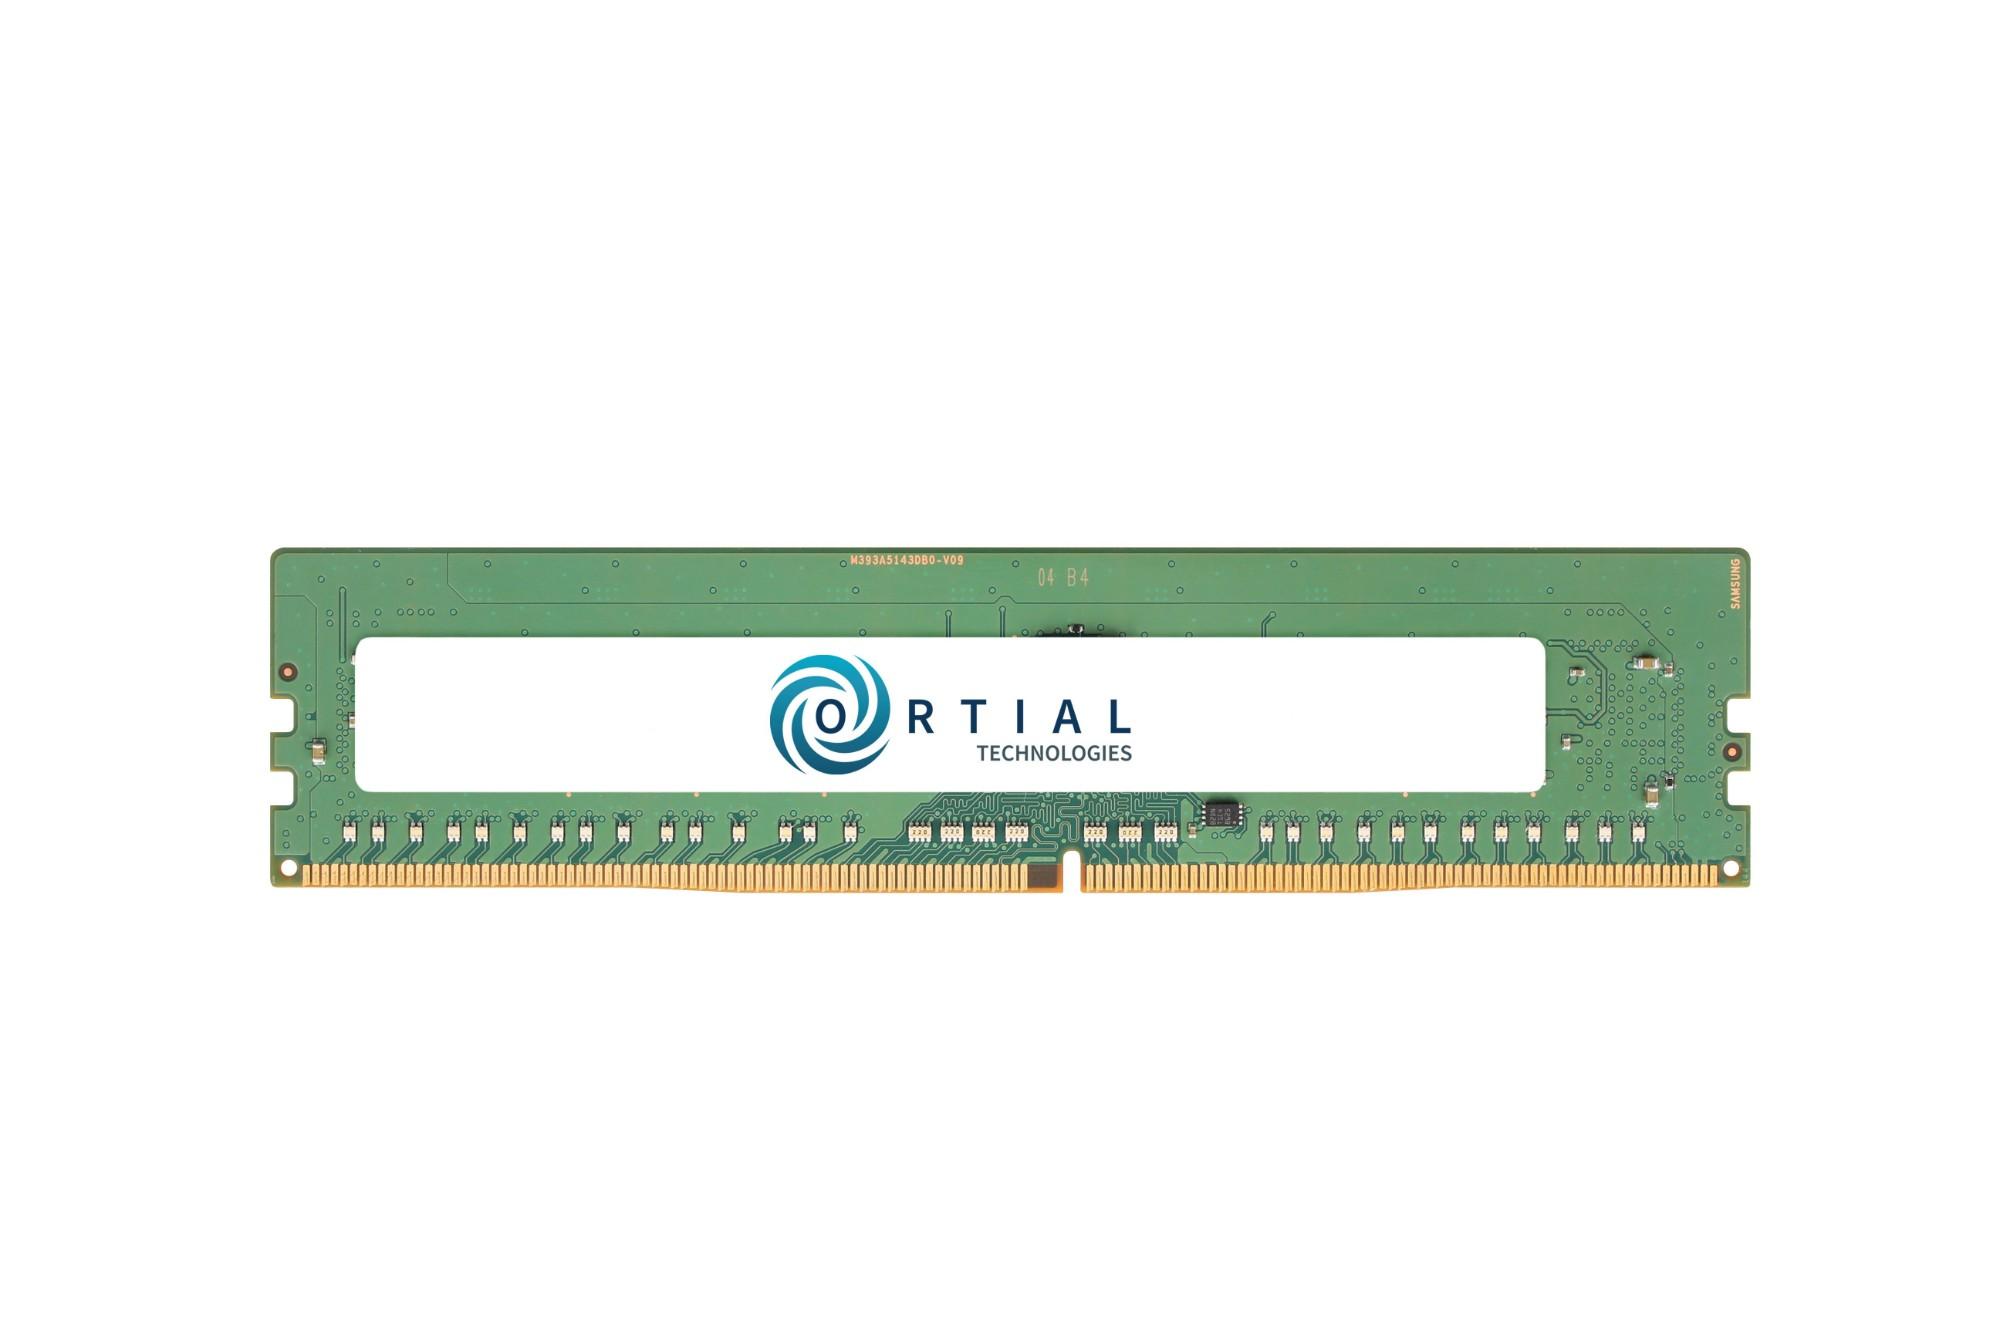 ORTIAL 4GB DDR4 2666 UDIMM